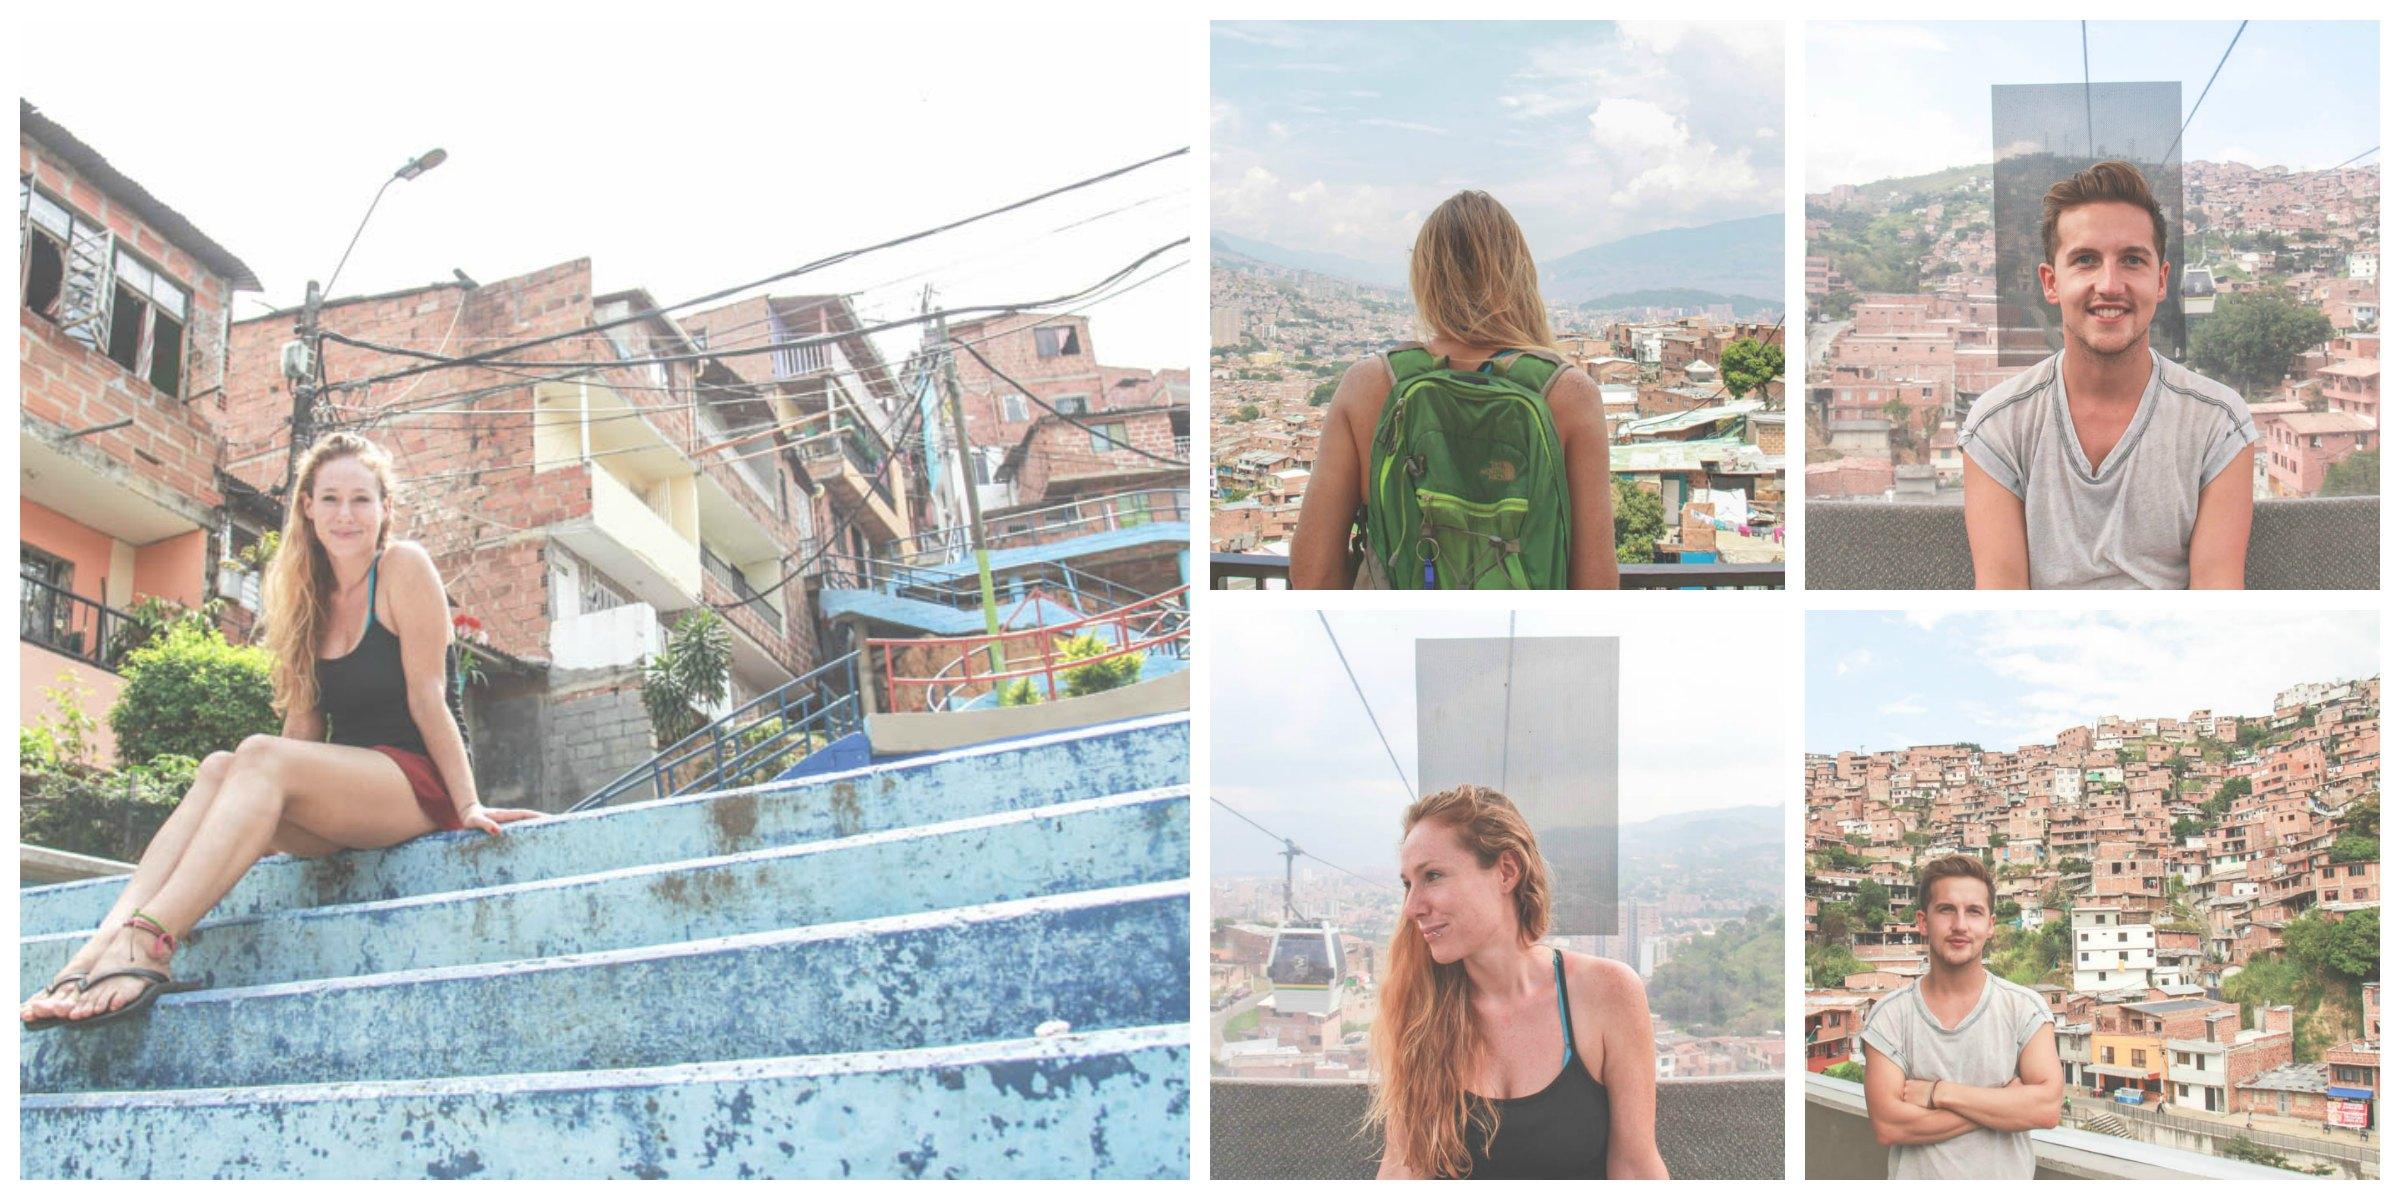 comuna 13 collage medellin colombia